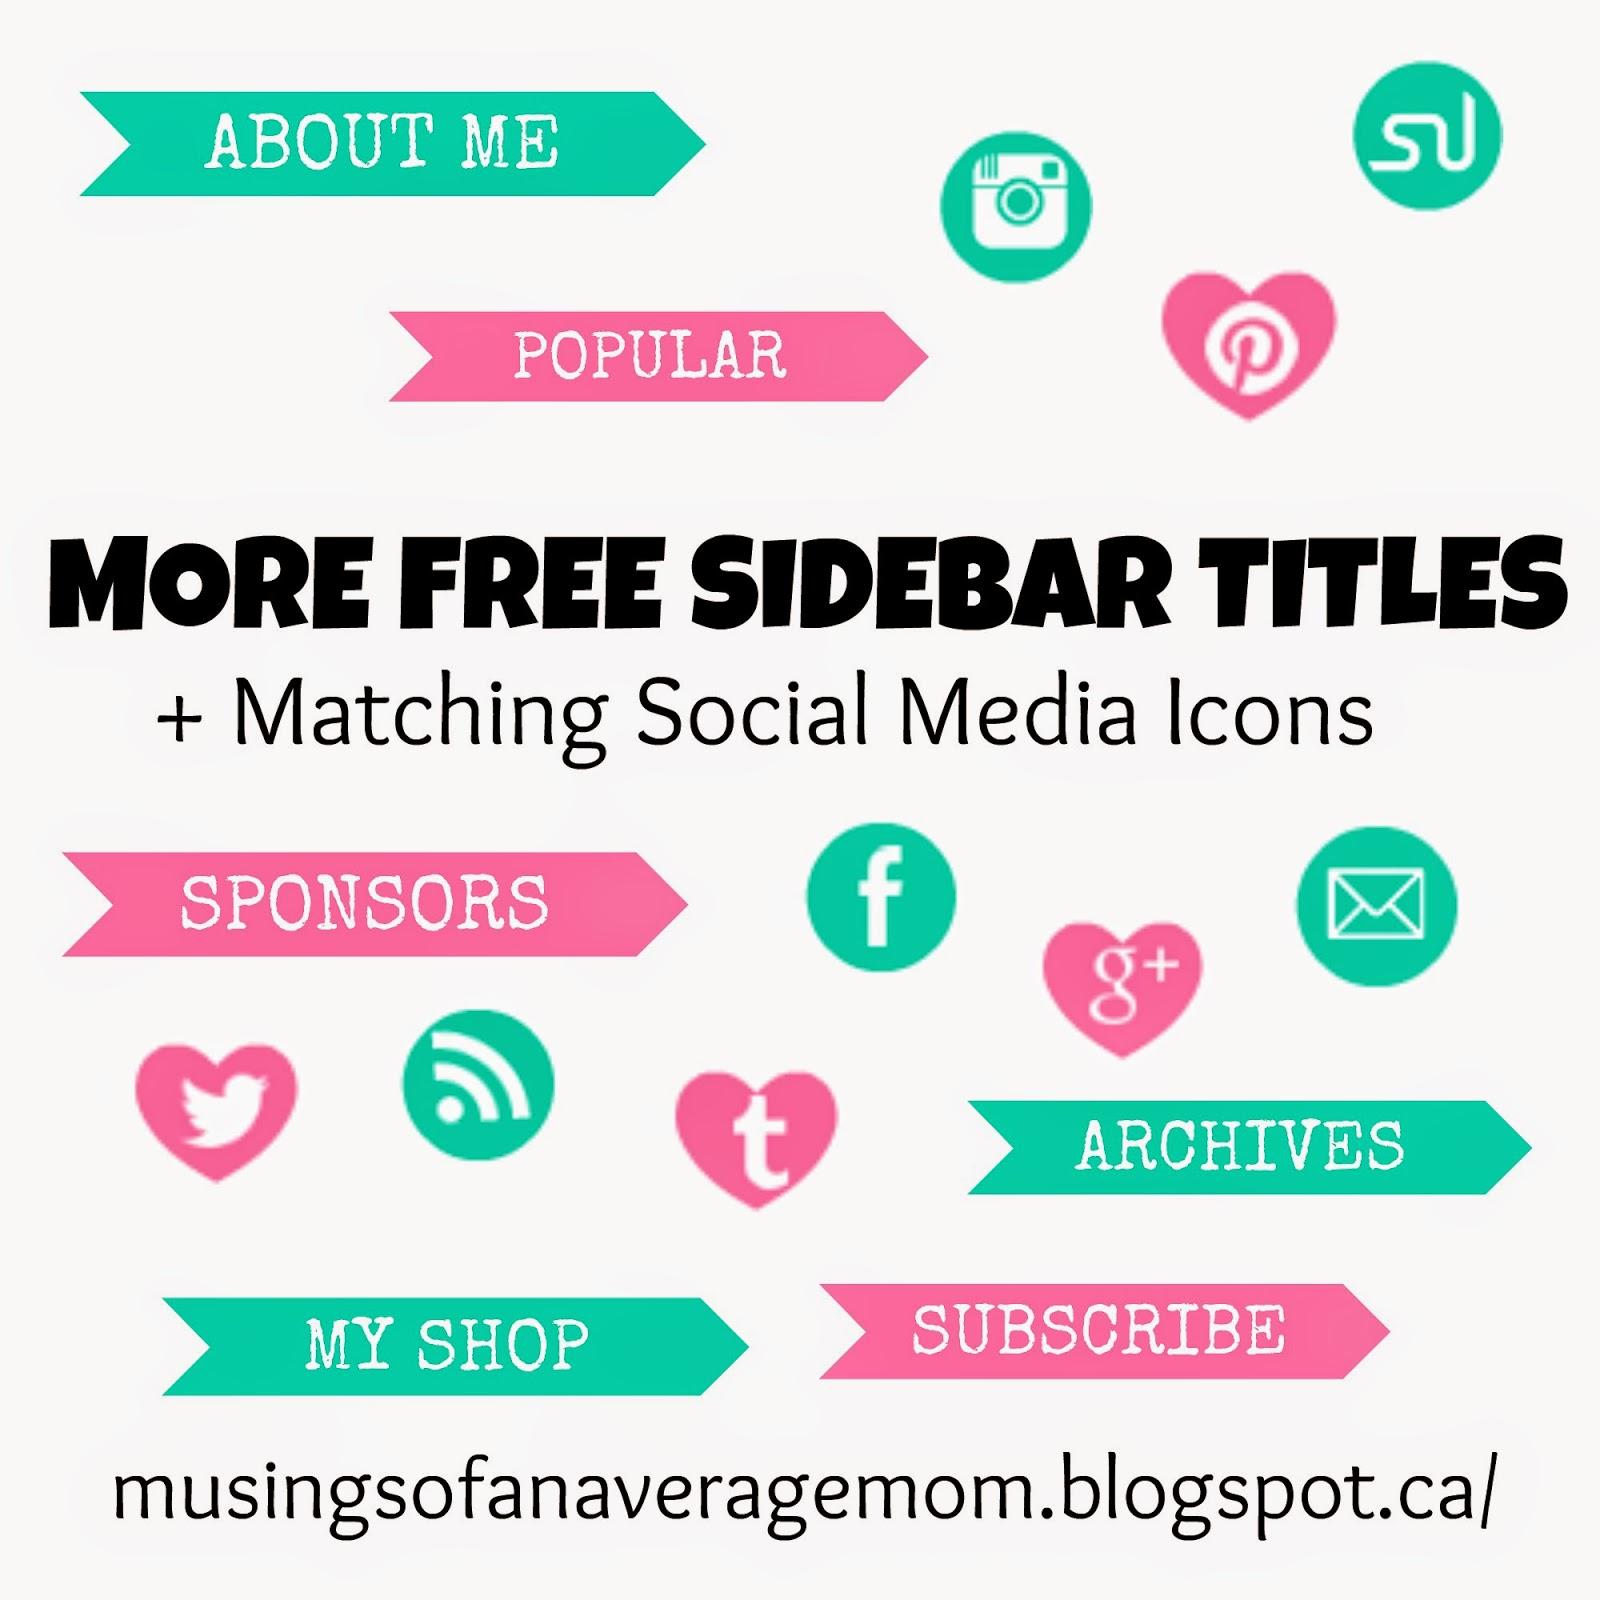 http://musingsofanaveragemom.blogspot.ca/p/free-blog-elements.html